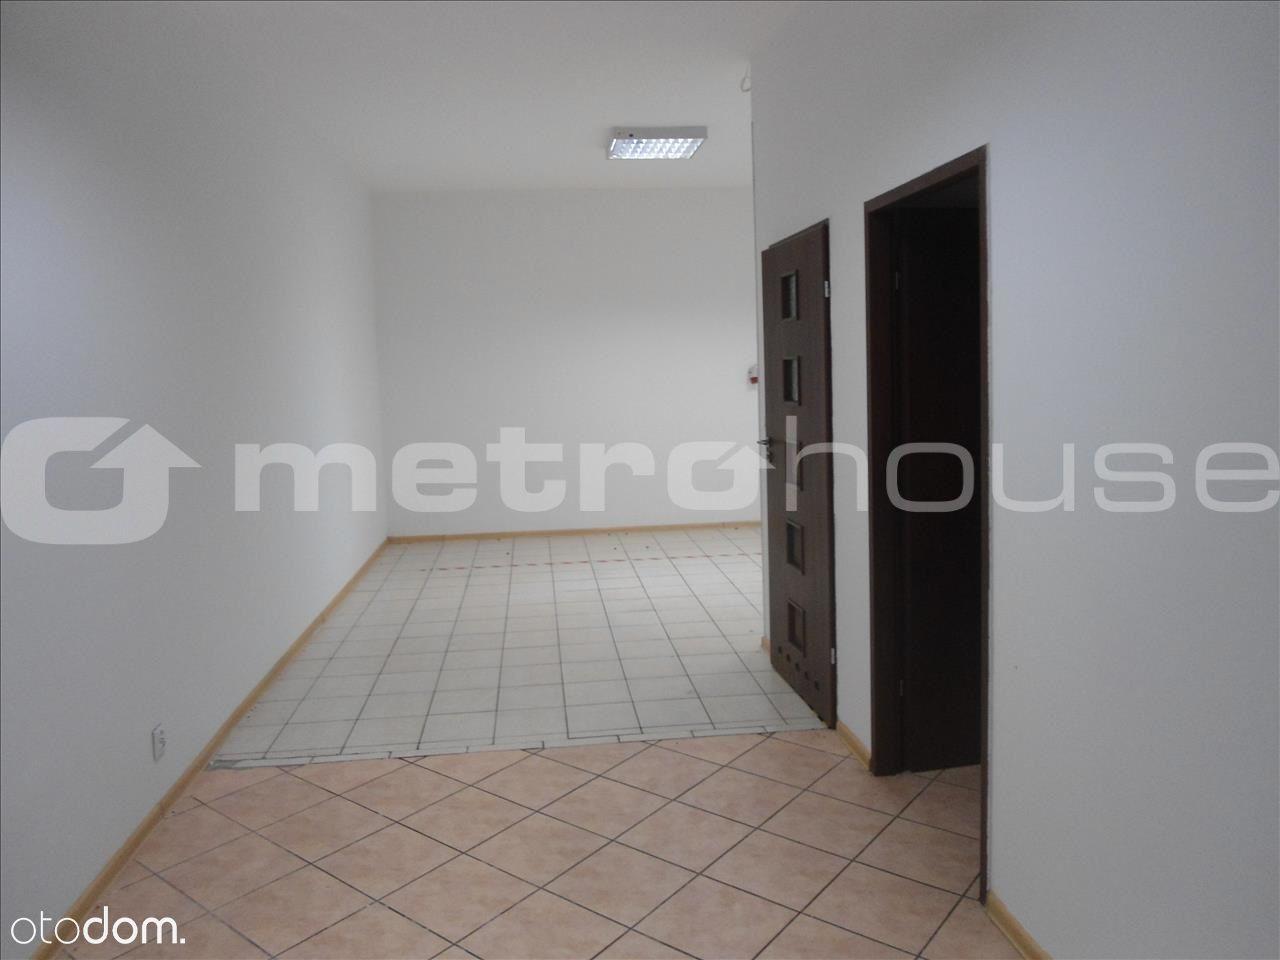 Lokal użytkowy na sprzedaż, Wałbrzych, Szczawienko - Foto 1